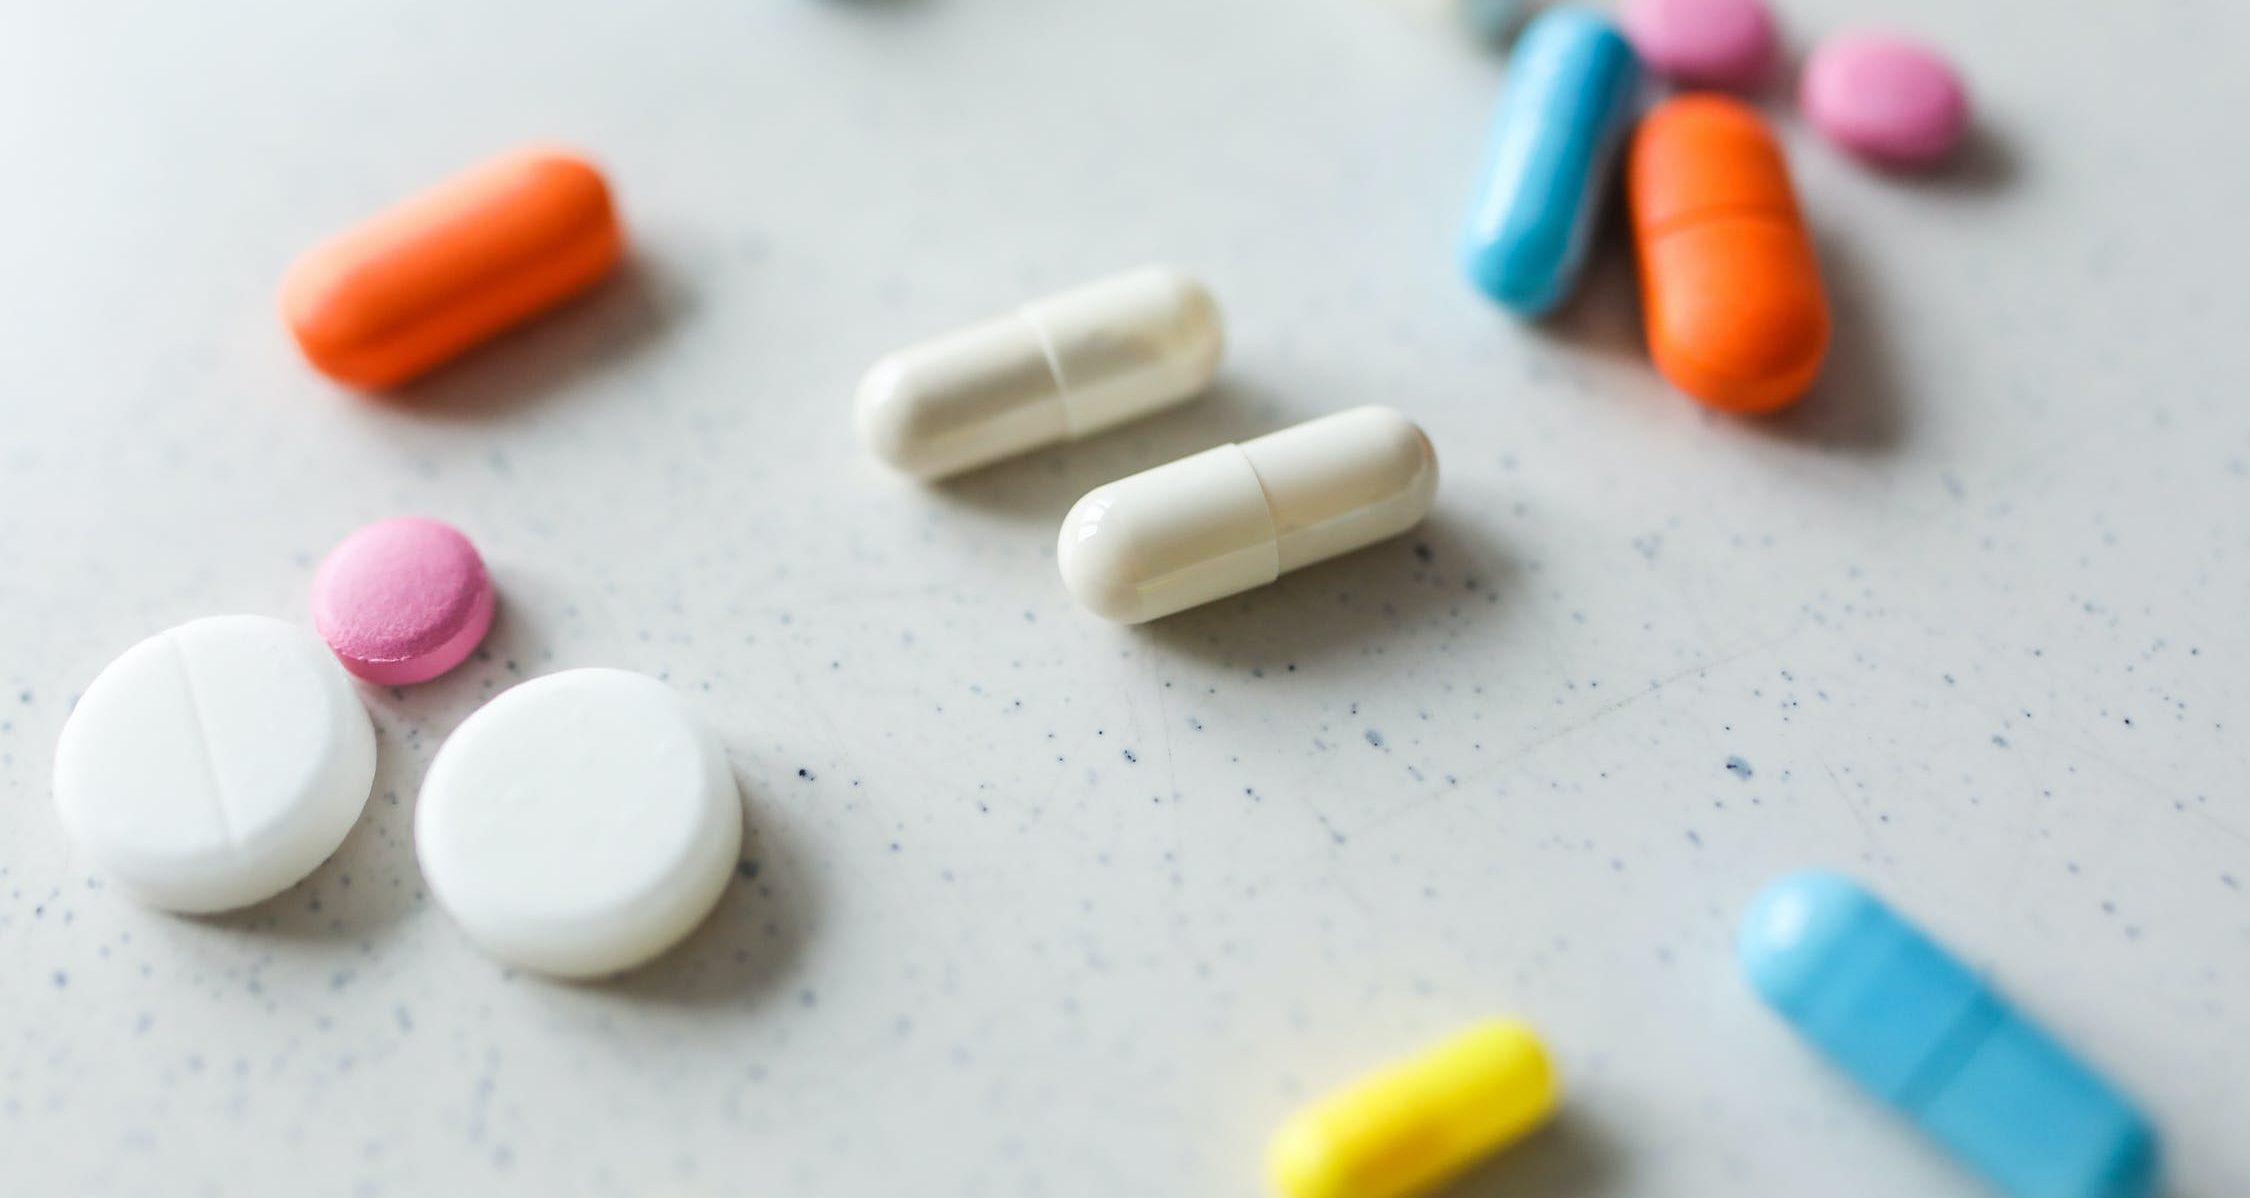 köpa billigt drogtest online